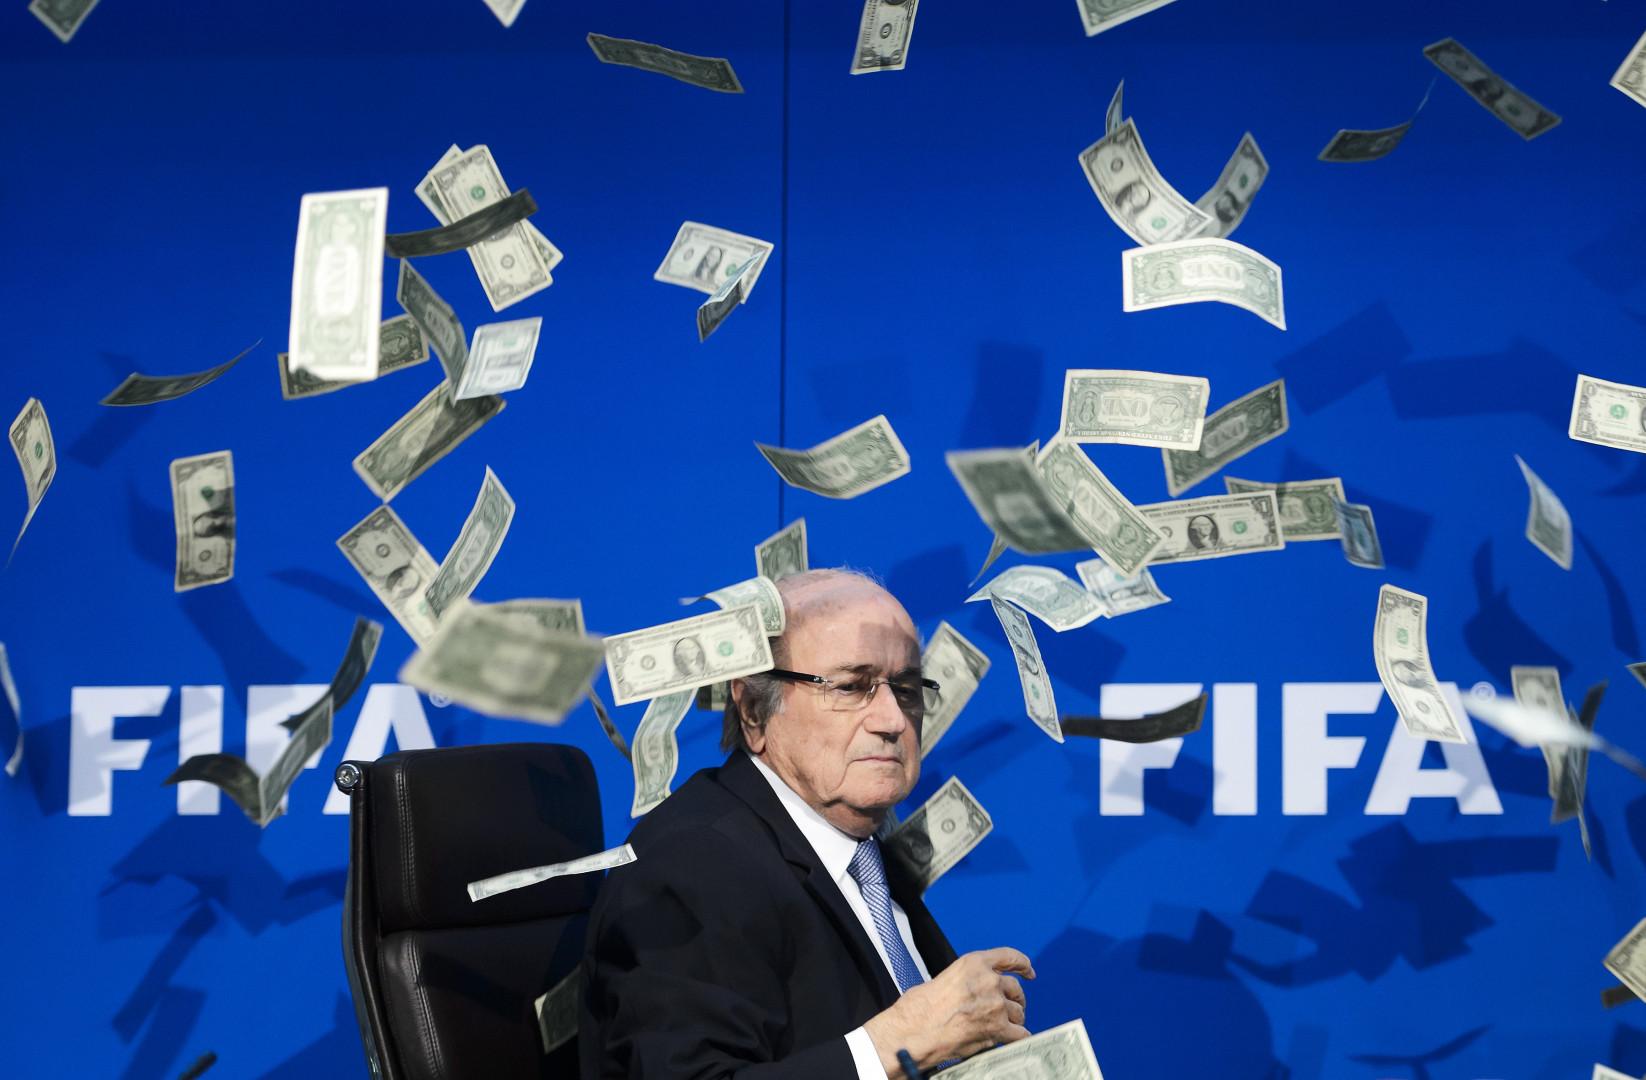 Sepp Blatter couvert de billets, la photo qui amuse le web